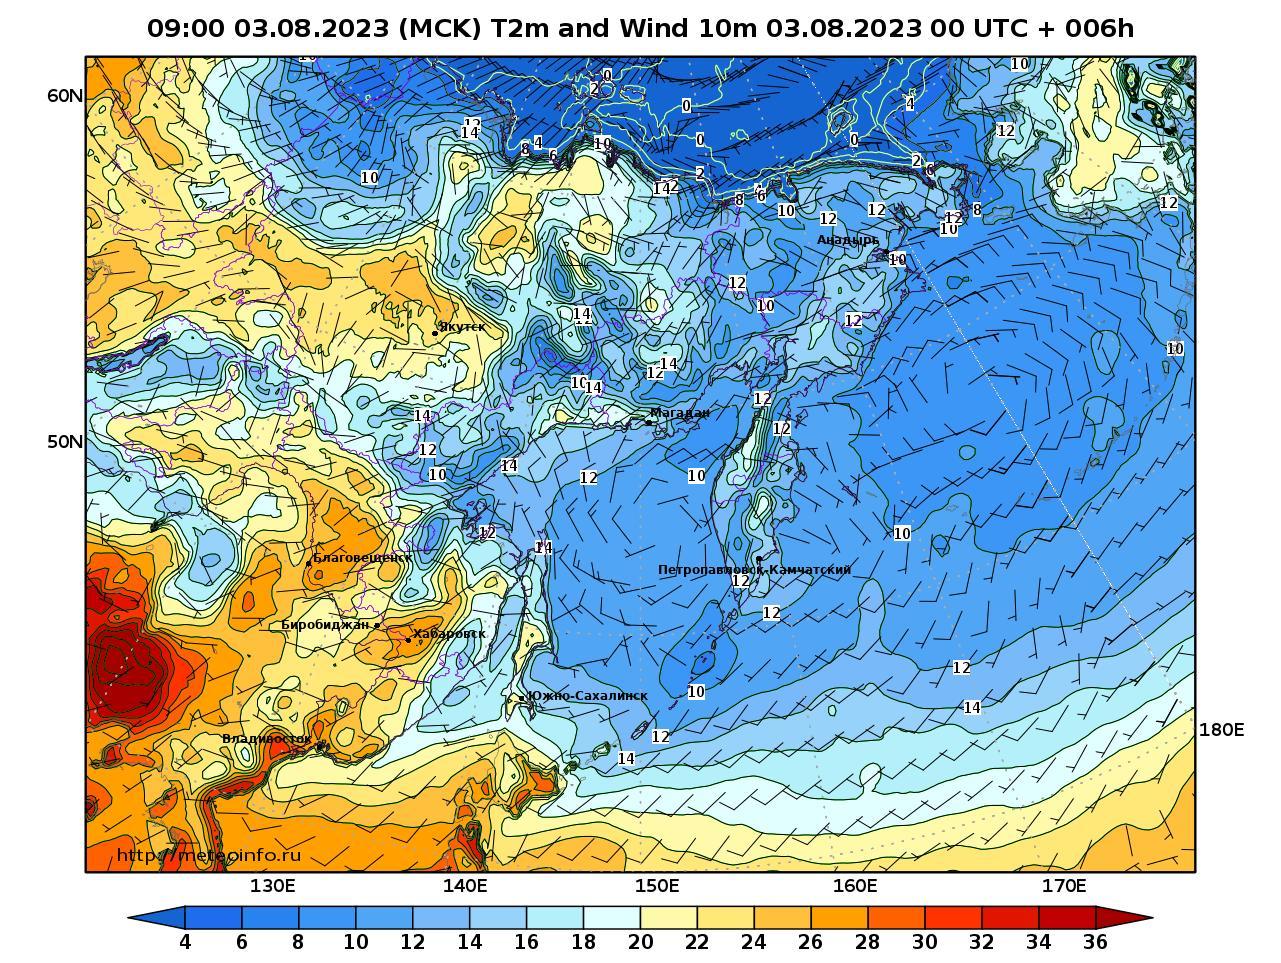 Дальний Восток, прогностическая карта приземная температура, заблаговременность прогноза 6 часов